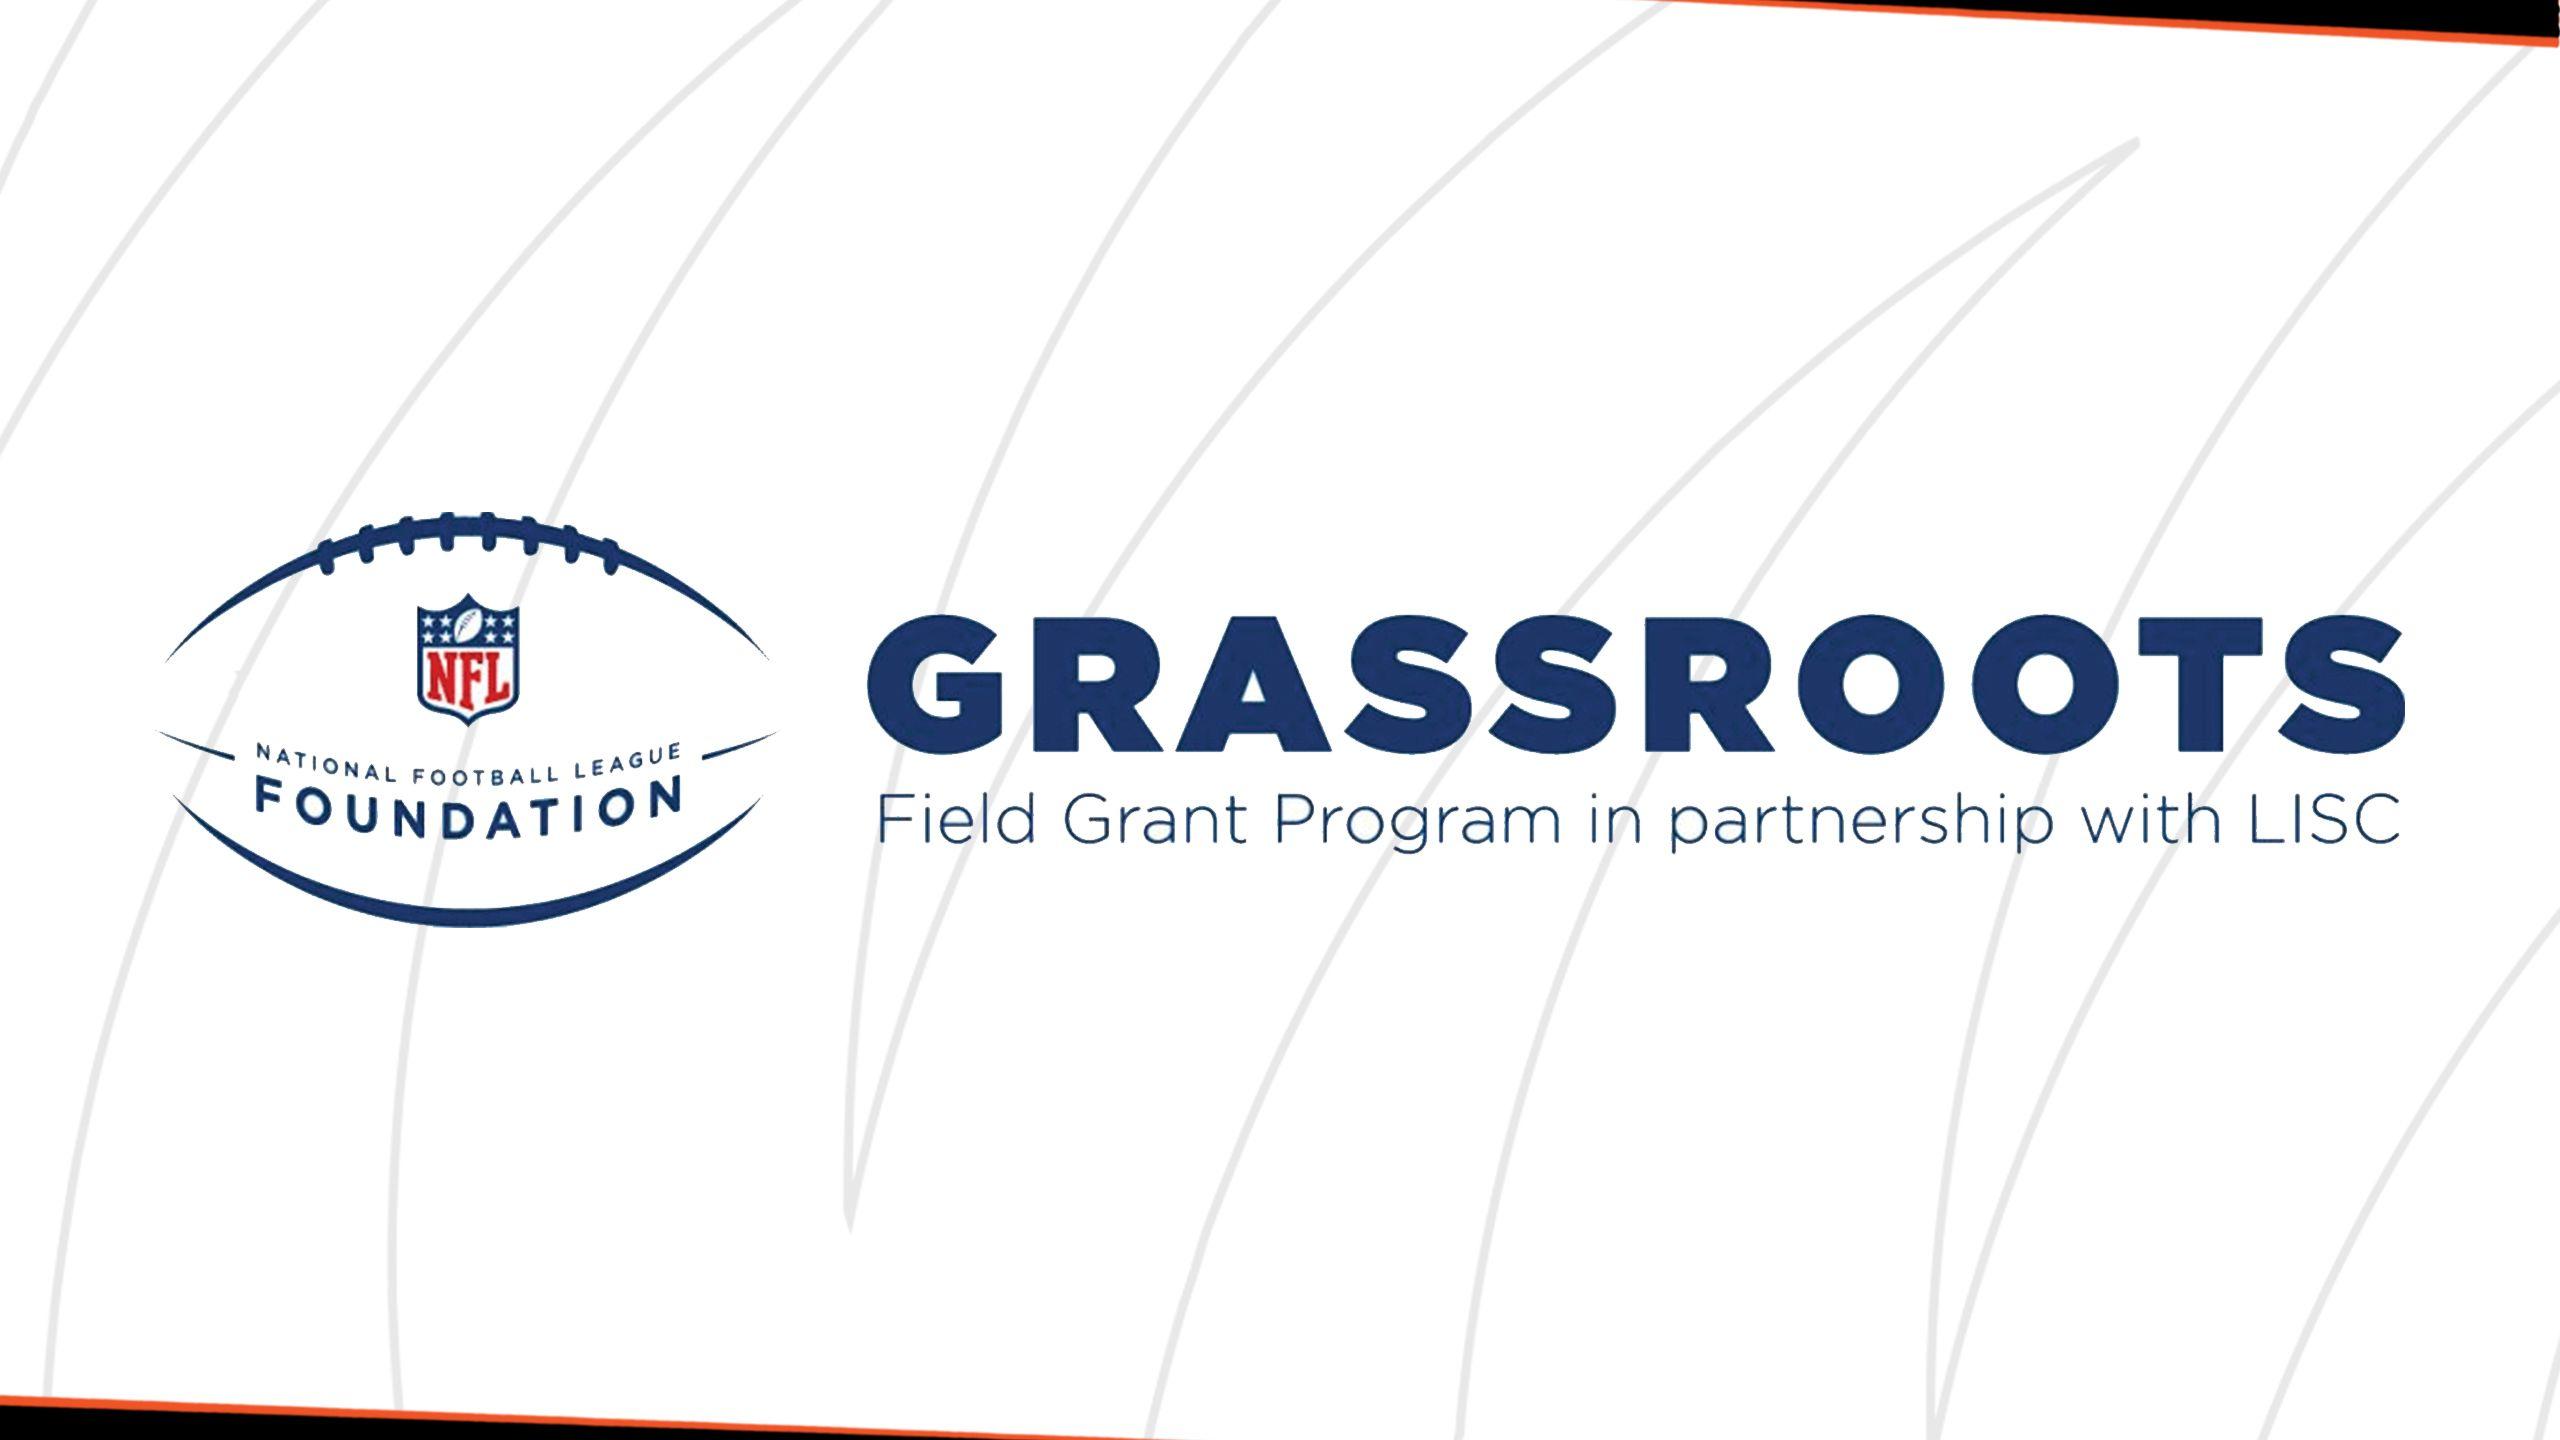 NFL Grassroots Grant